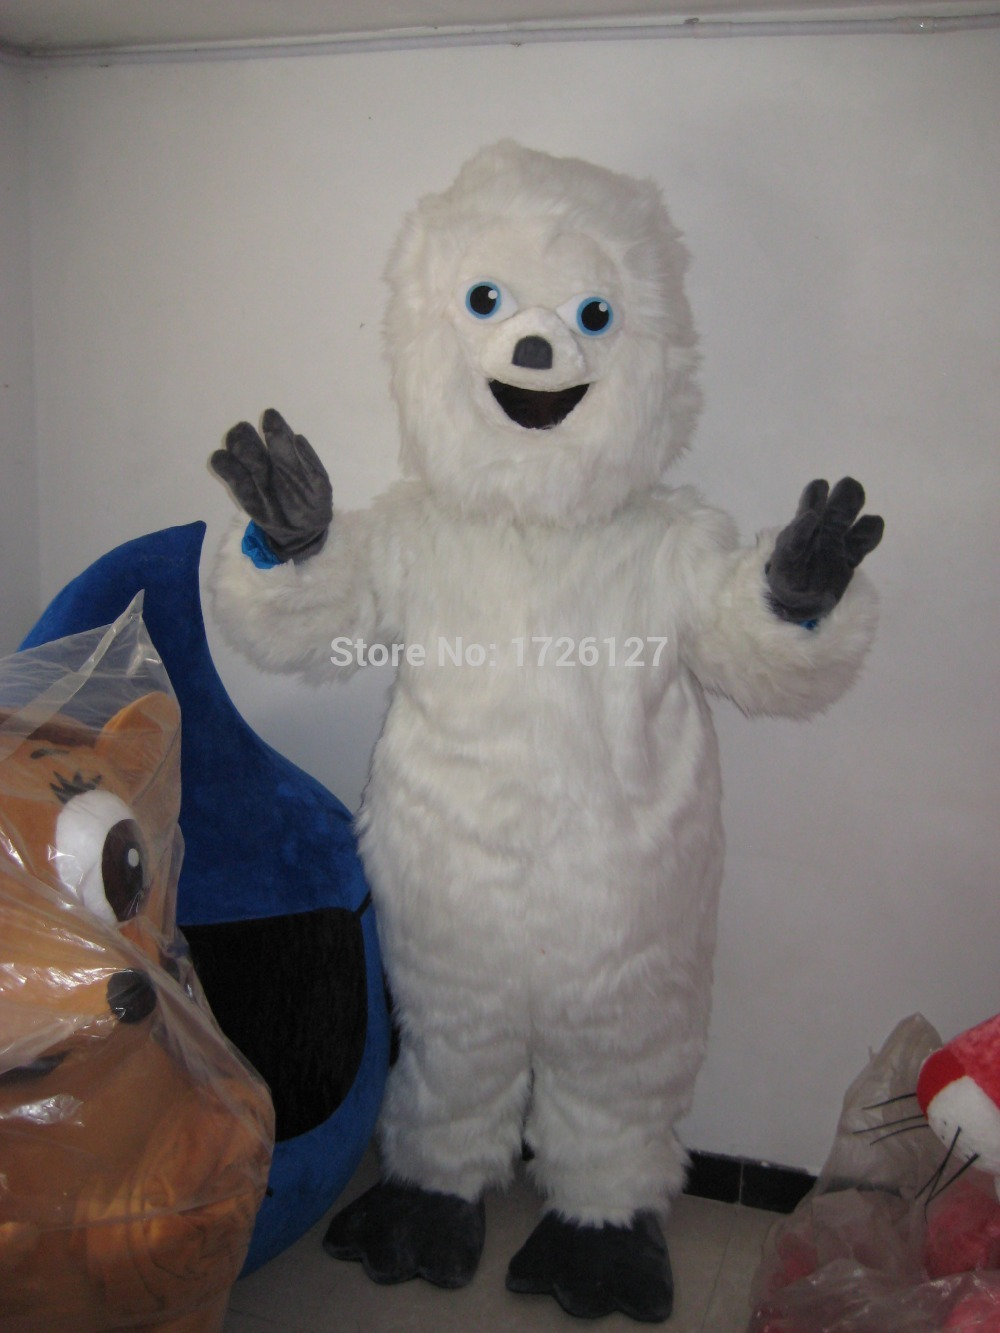 Плюшевый талисман Материал на заказ Белый Снеговик Снежный монстр талисман костюм для взрослых Размер костюм зимний праздник Ледяной Мир